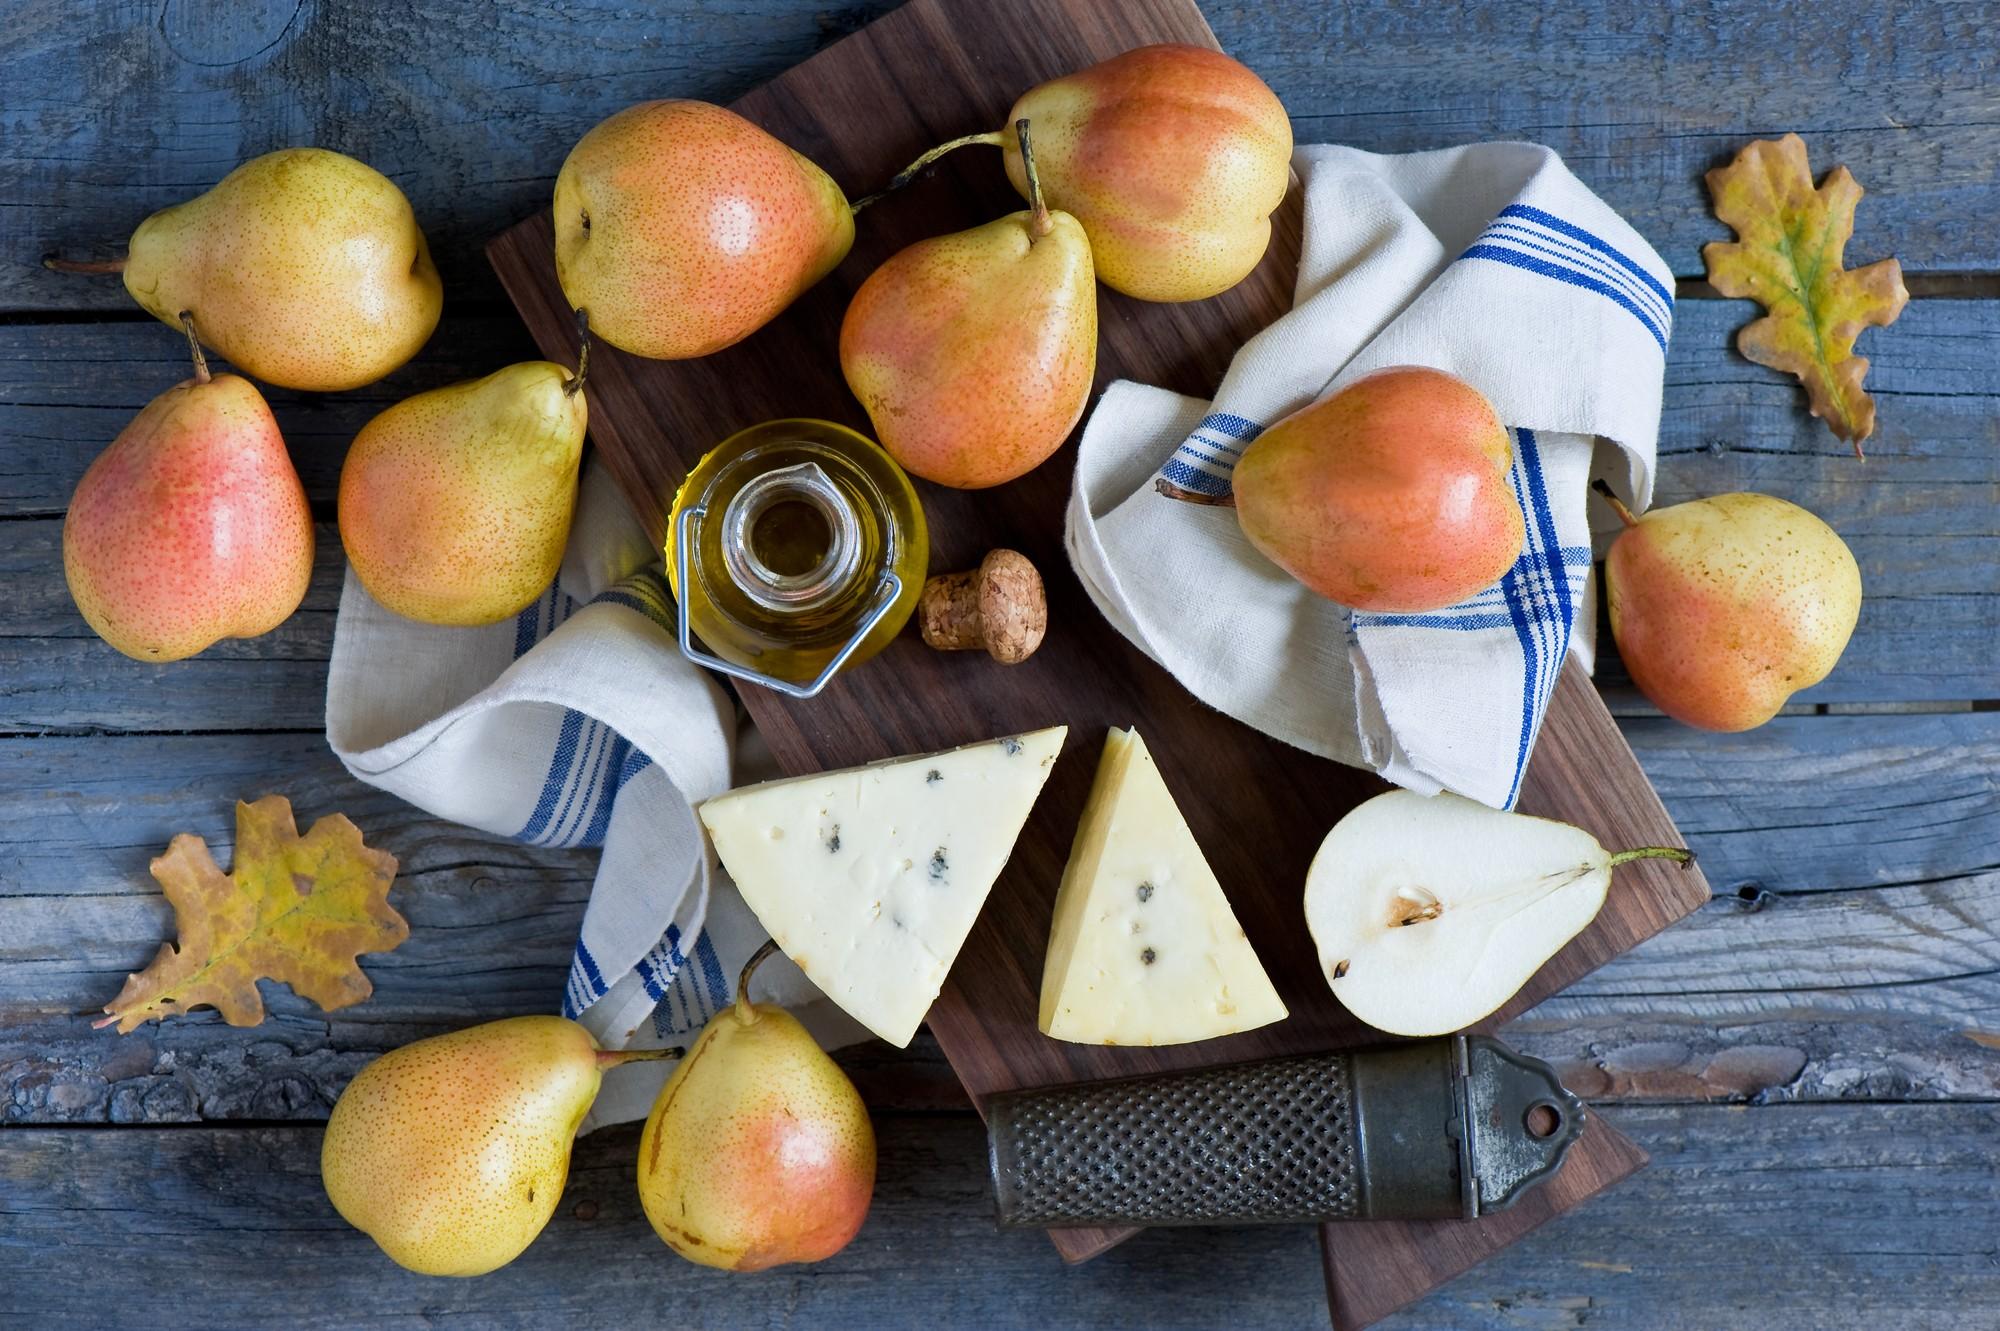 Tapety Malovani Jidlo Syr Ovoce Zatisi Kresby Citrus Jablko